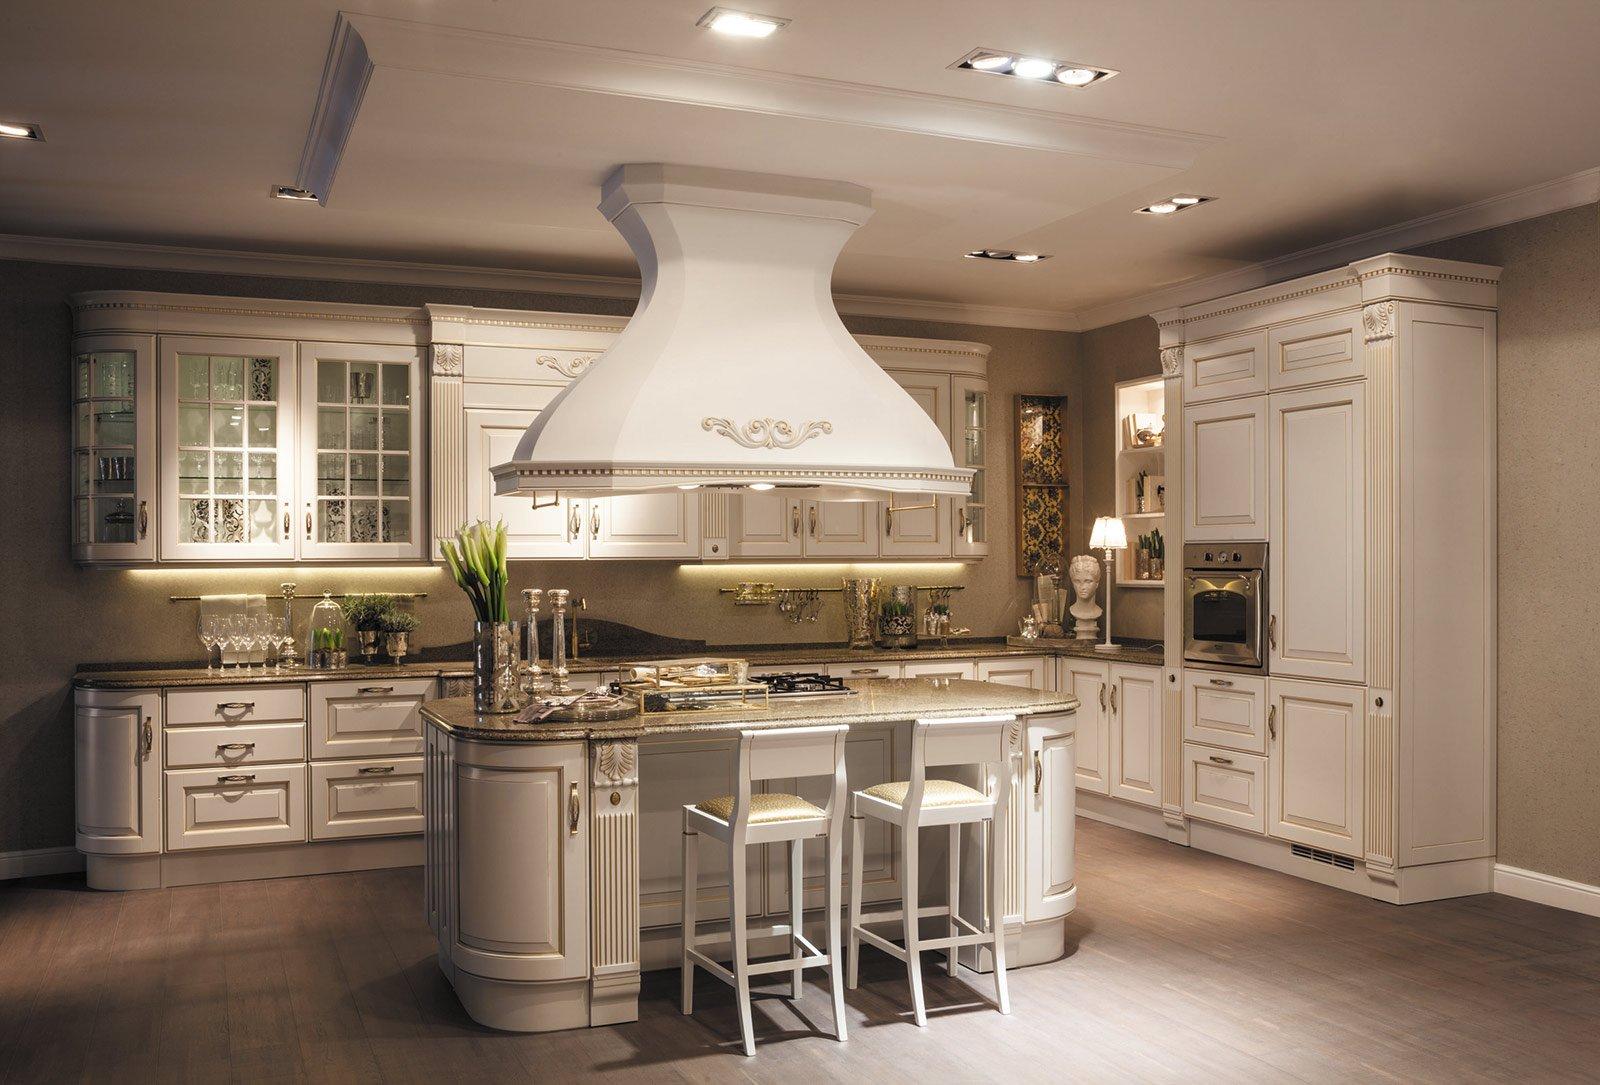 Cucine in stile cose di casa for Cucina baltimora scavolini